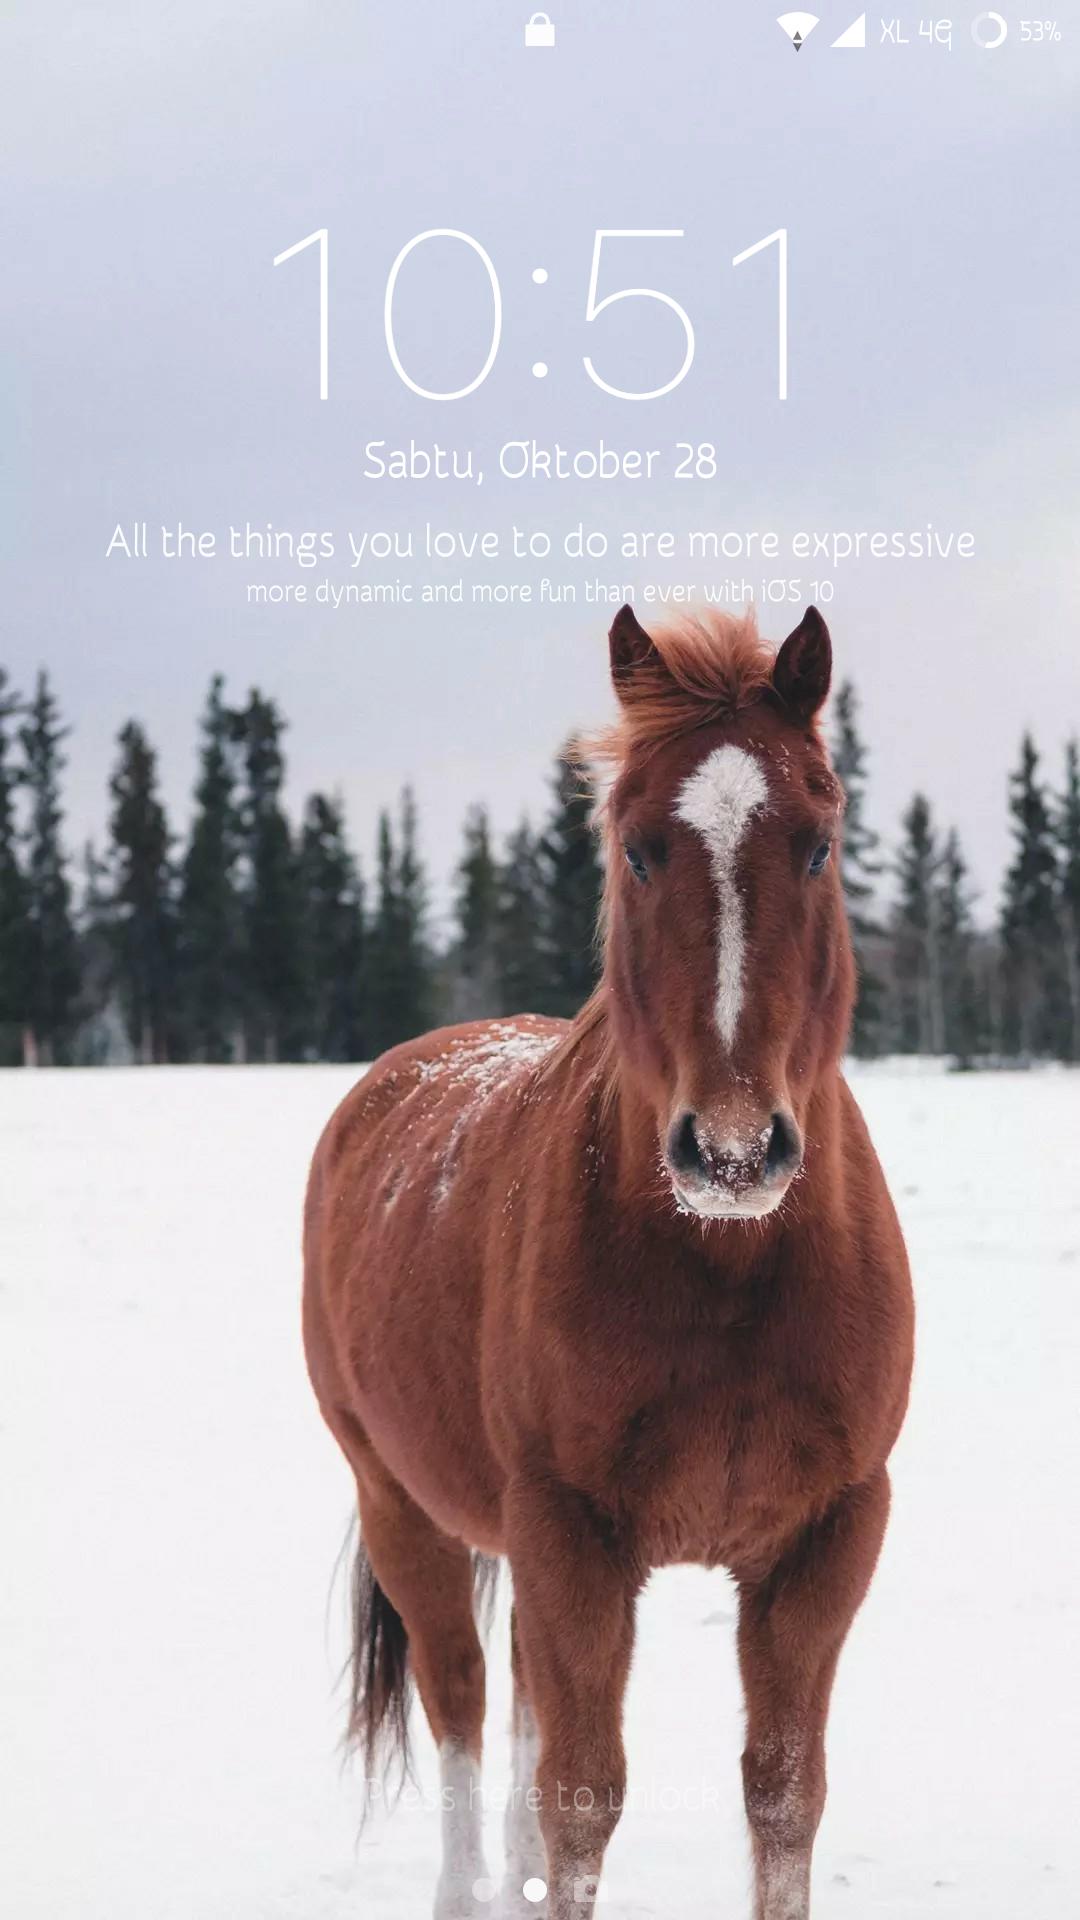 Simple Wallpaper Horse Android Phone - screenshot_2017-10-28-10-51-32-015_lockscreen590722375  Pic_764895.png